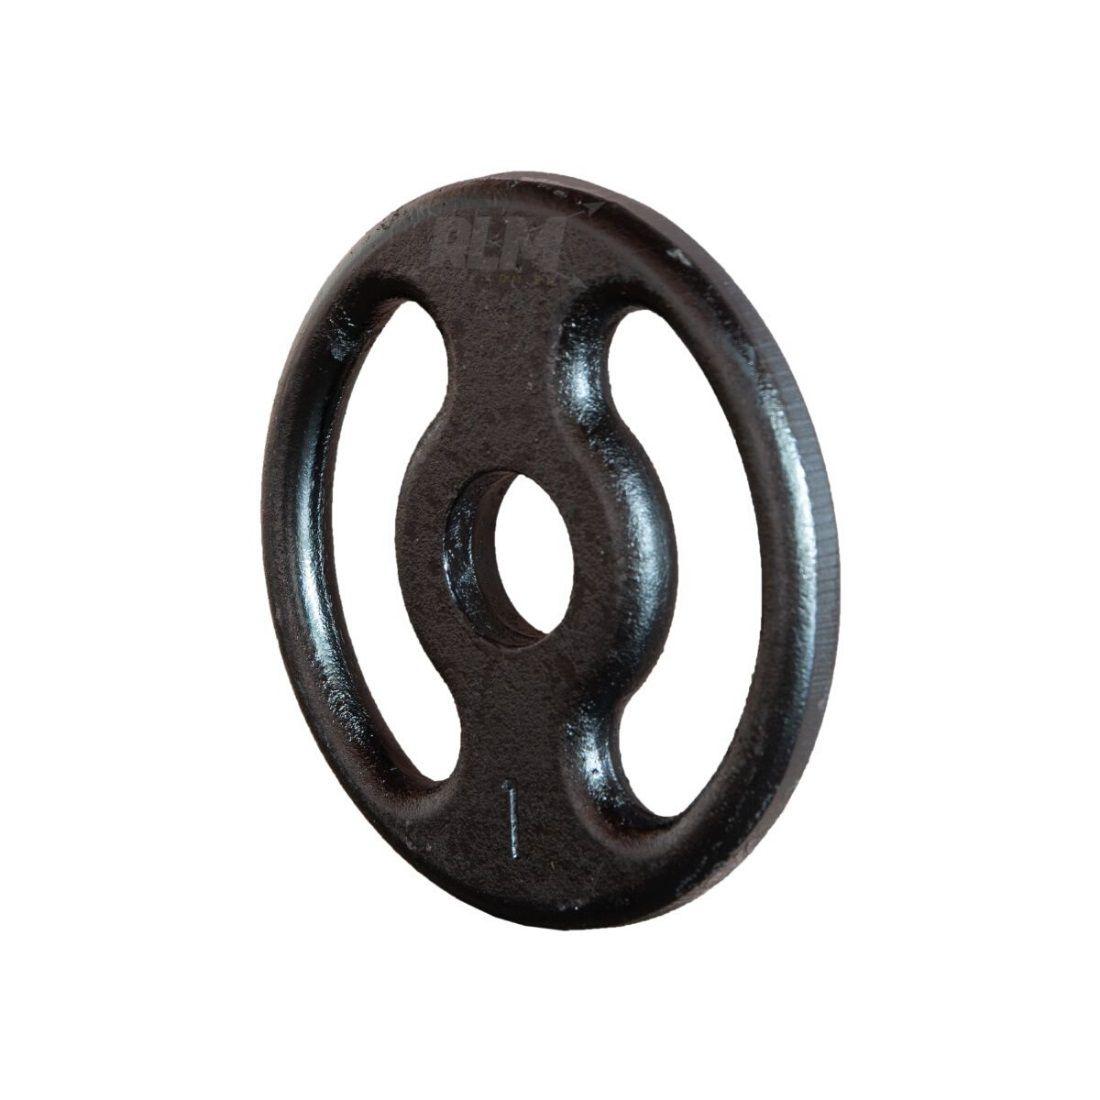 Anilha de Ferro Fundido Pintada - 1 Kg